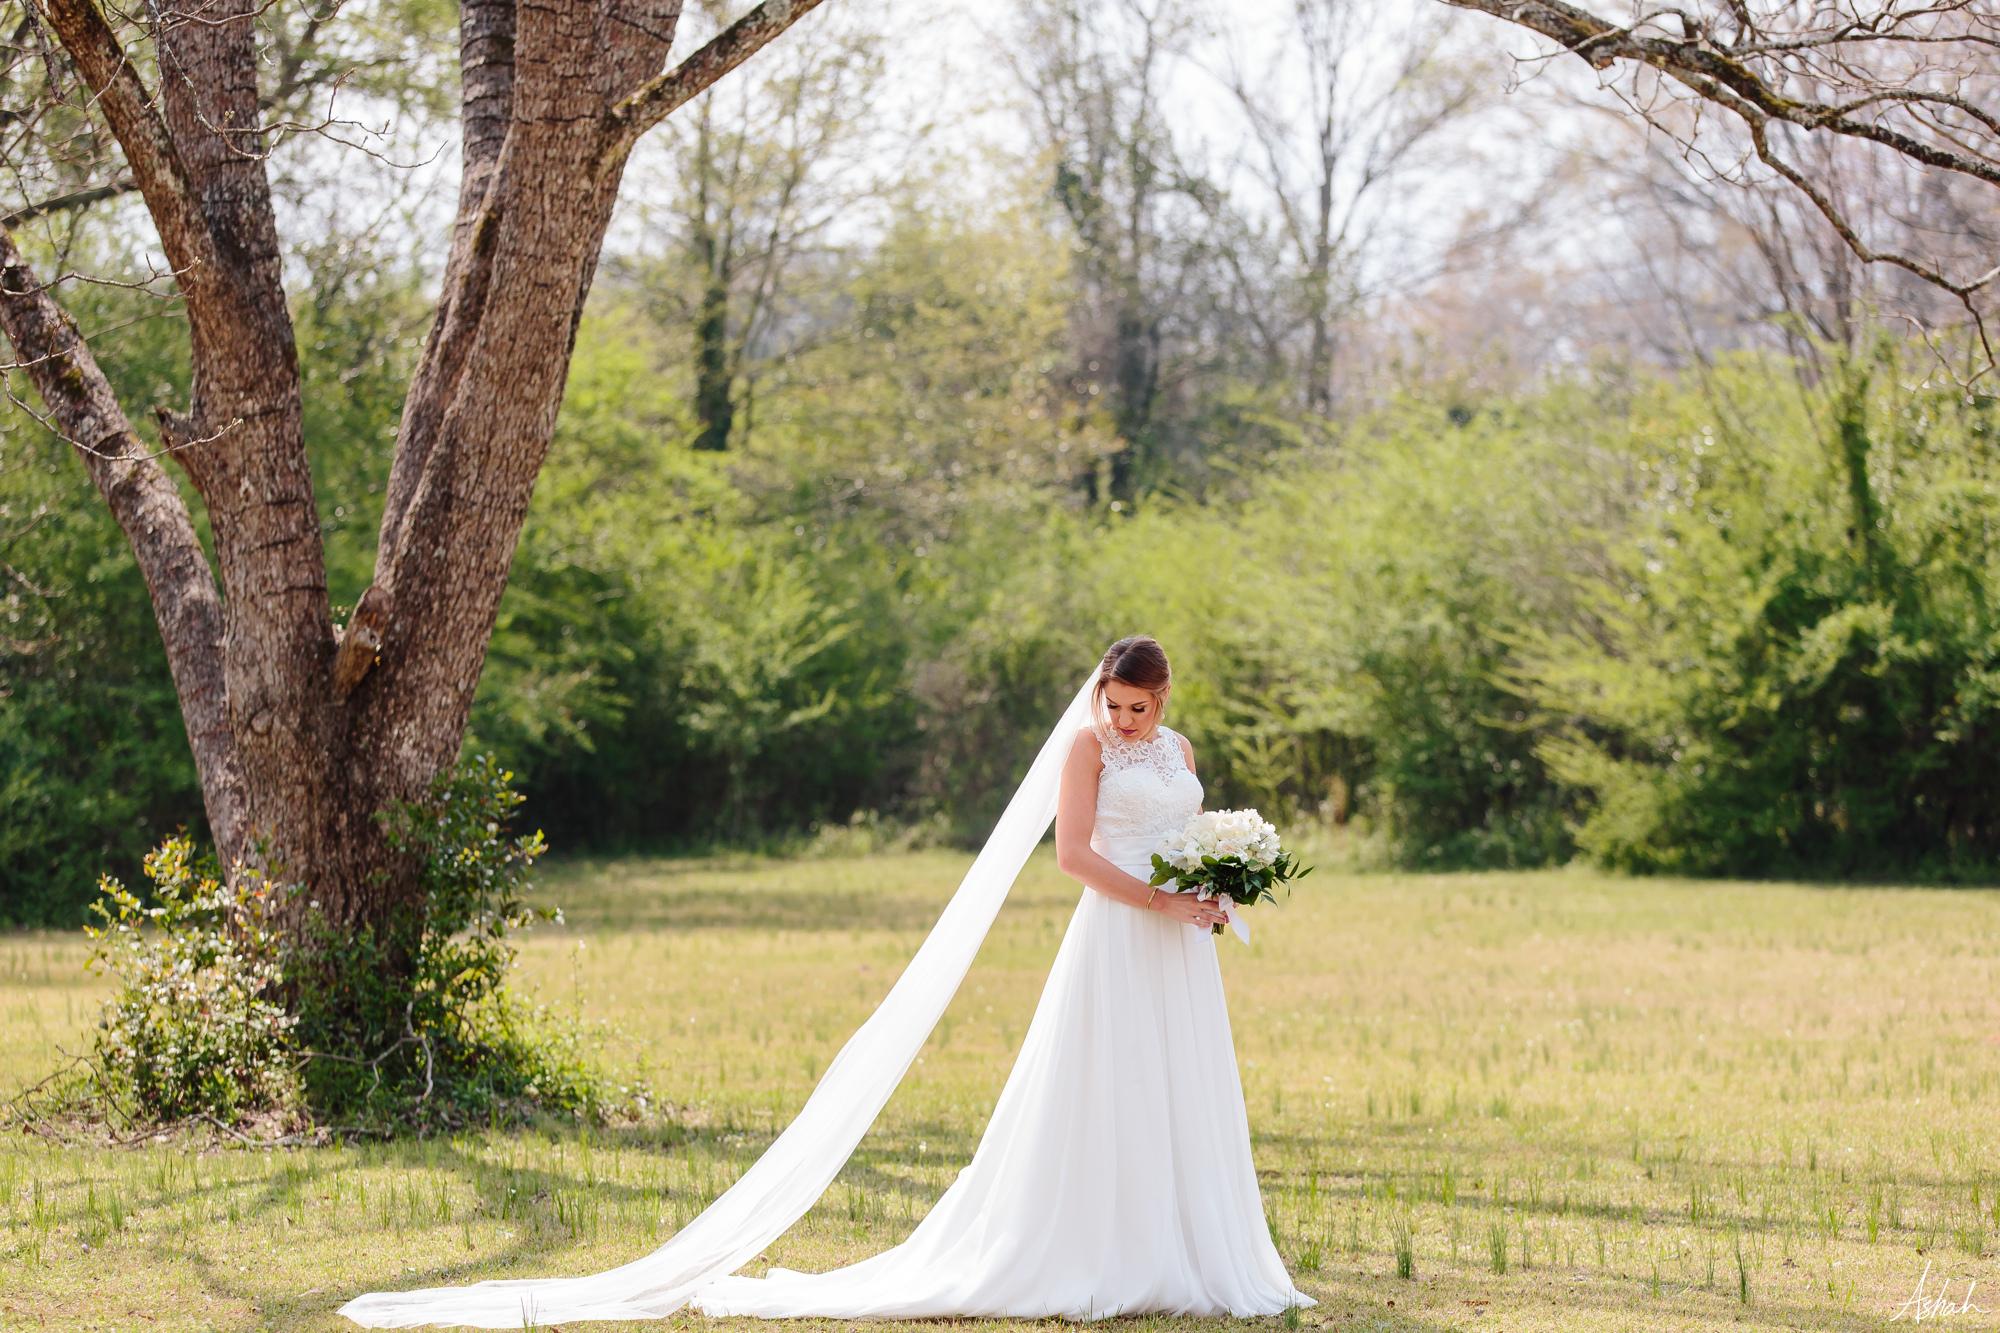 bridegroom036.jpg